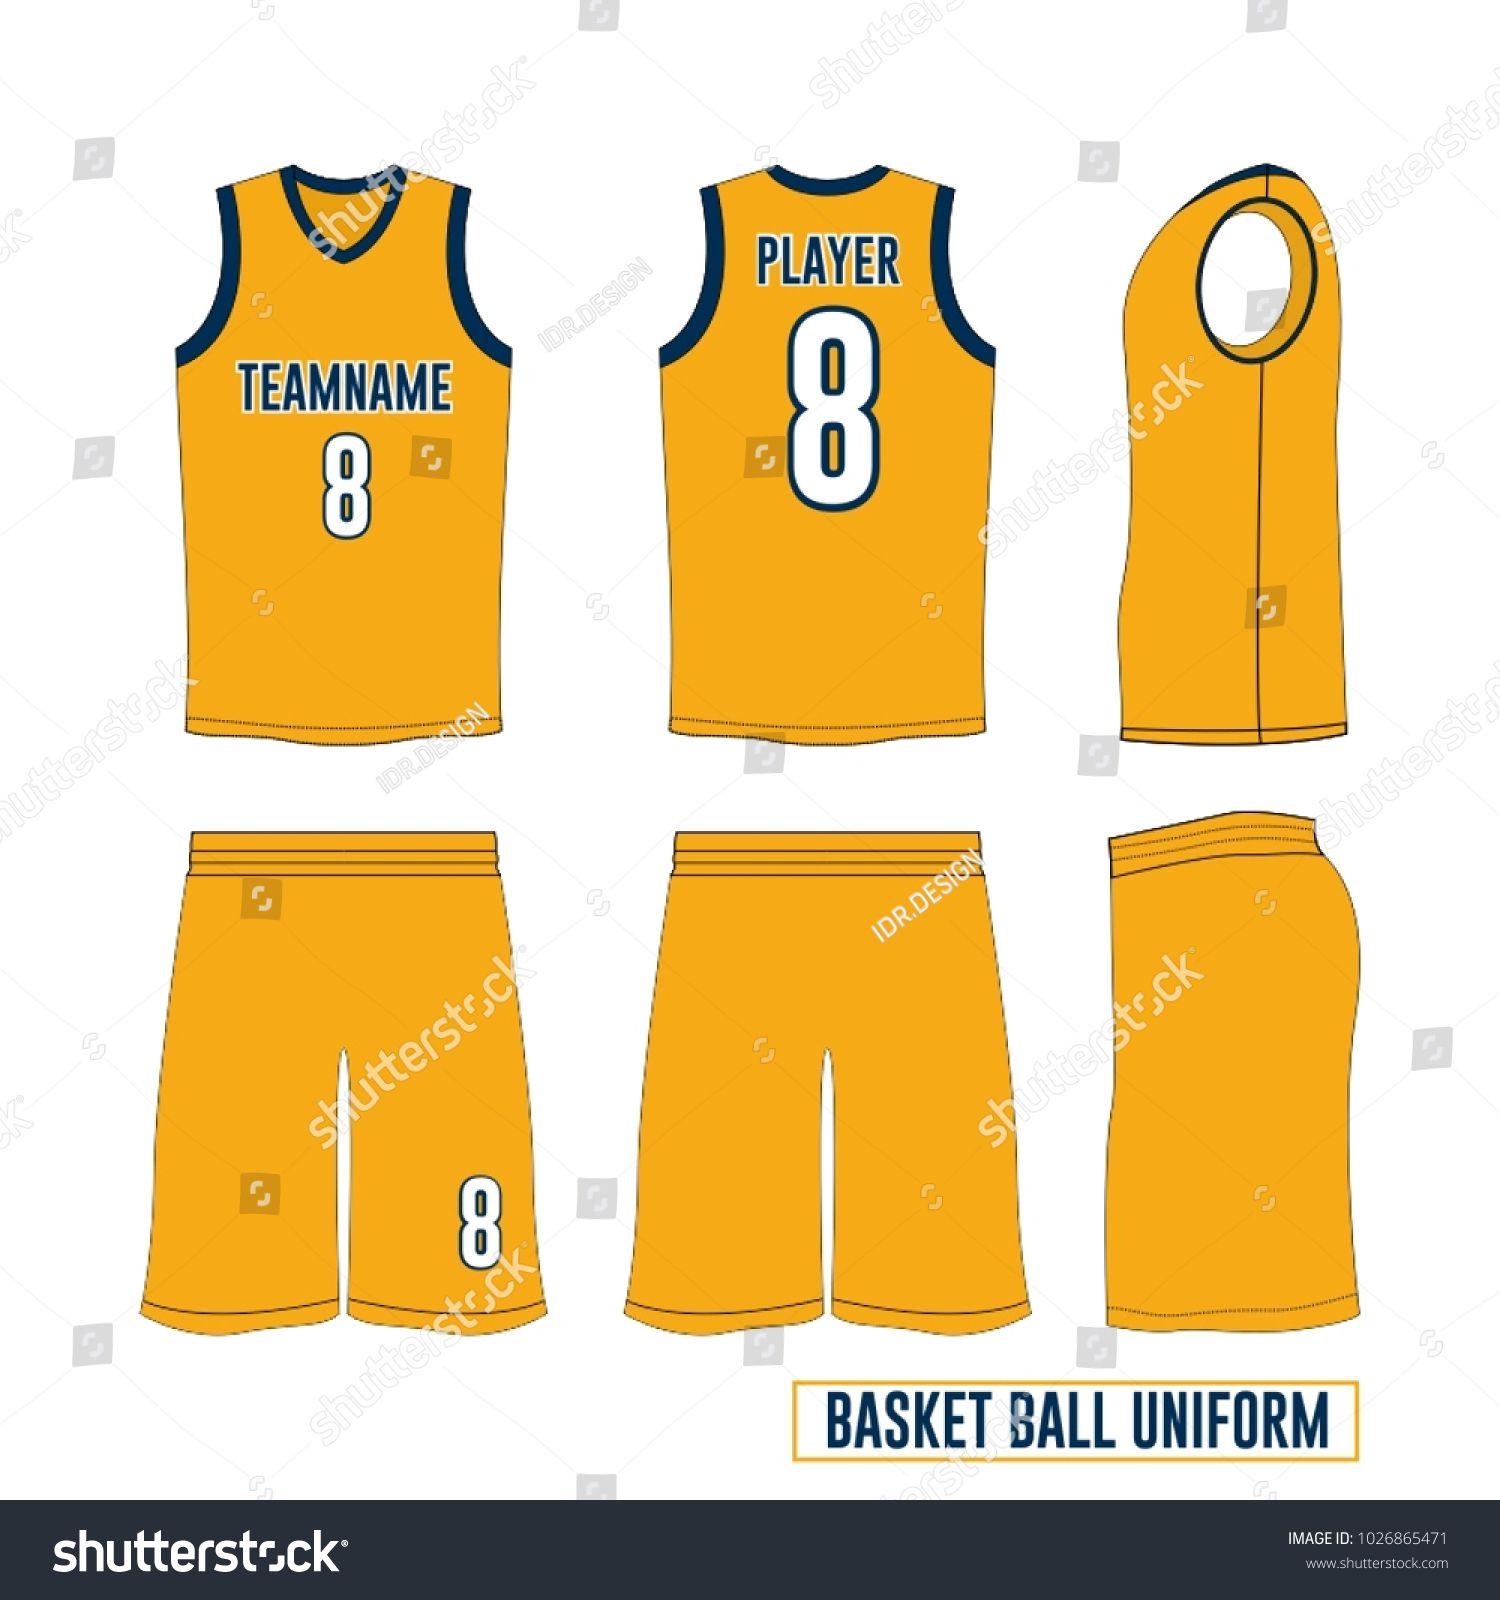 basketball uniform vector template basketball uniform pinterest